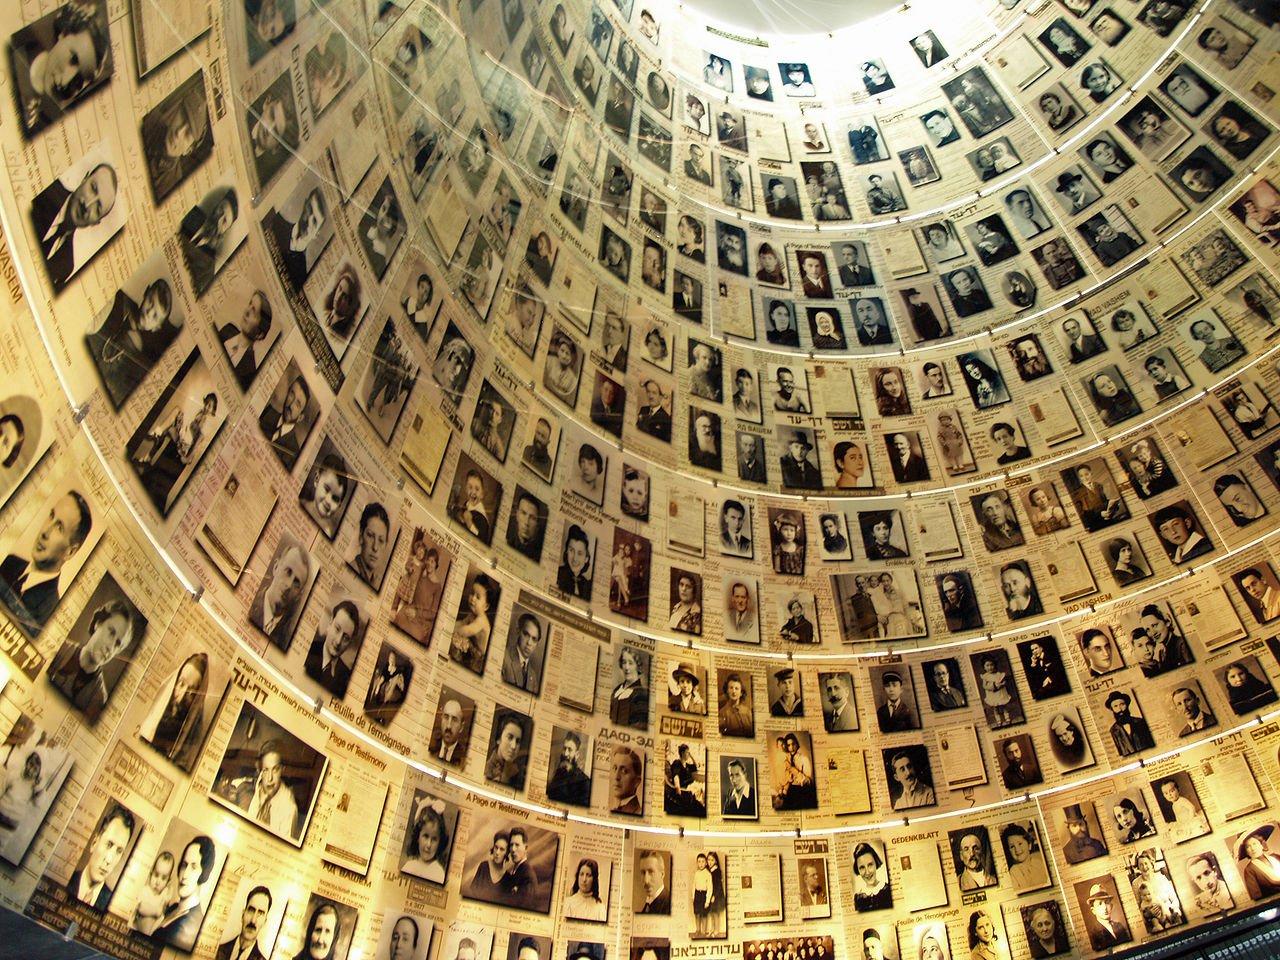 От Катастрофы до создания государства Израиль. Музей катастрофы европейского еврейства (Холокост)